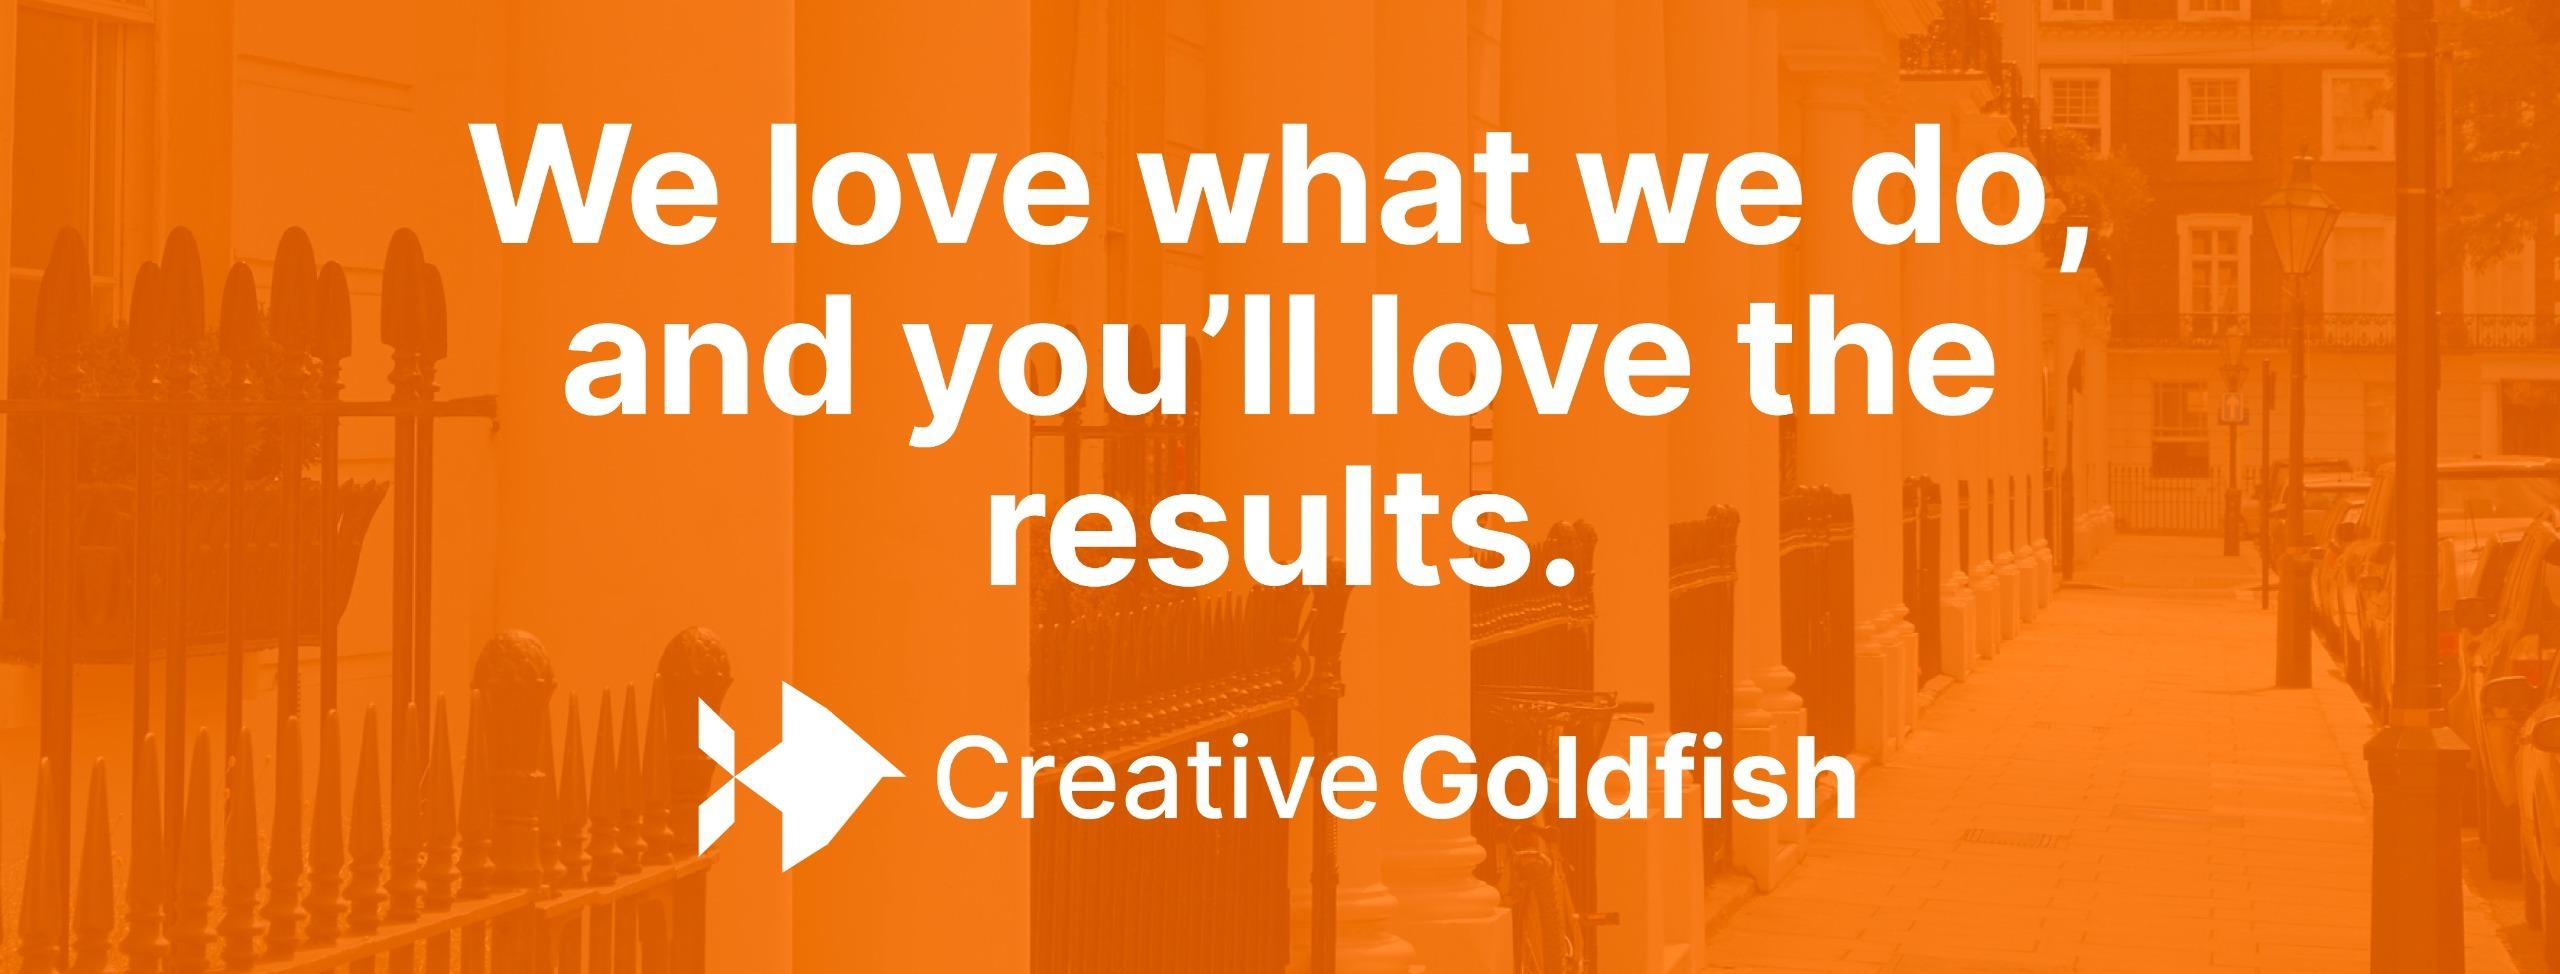 Creative Goldfish (@creativegoldfish) Cover Image